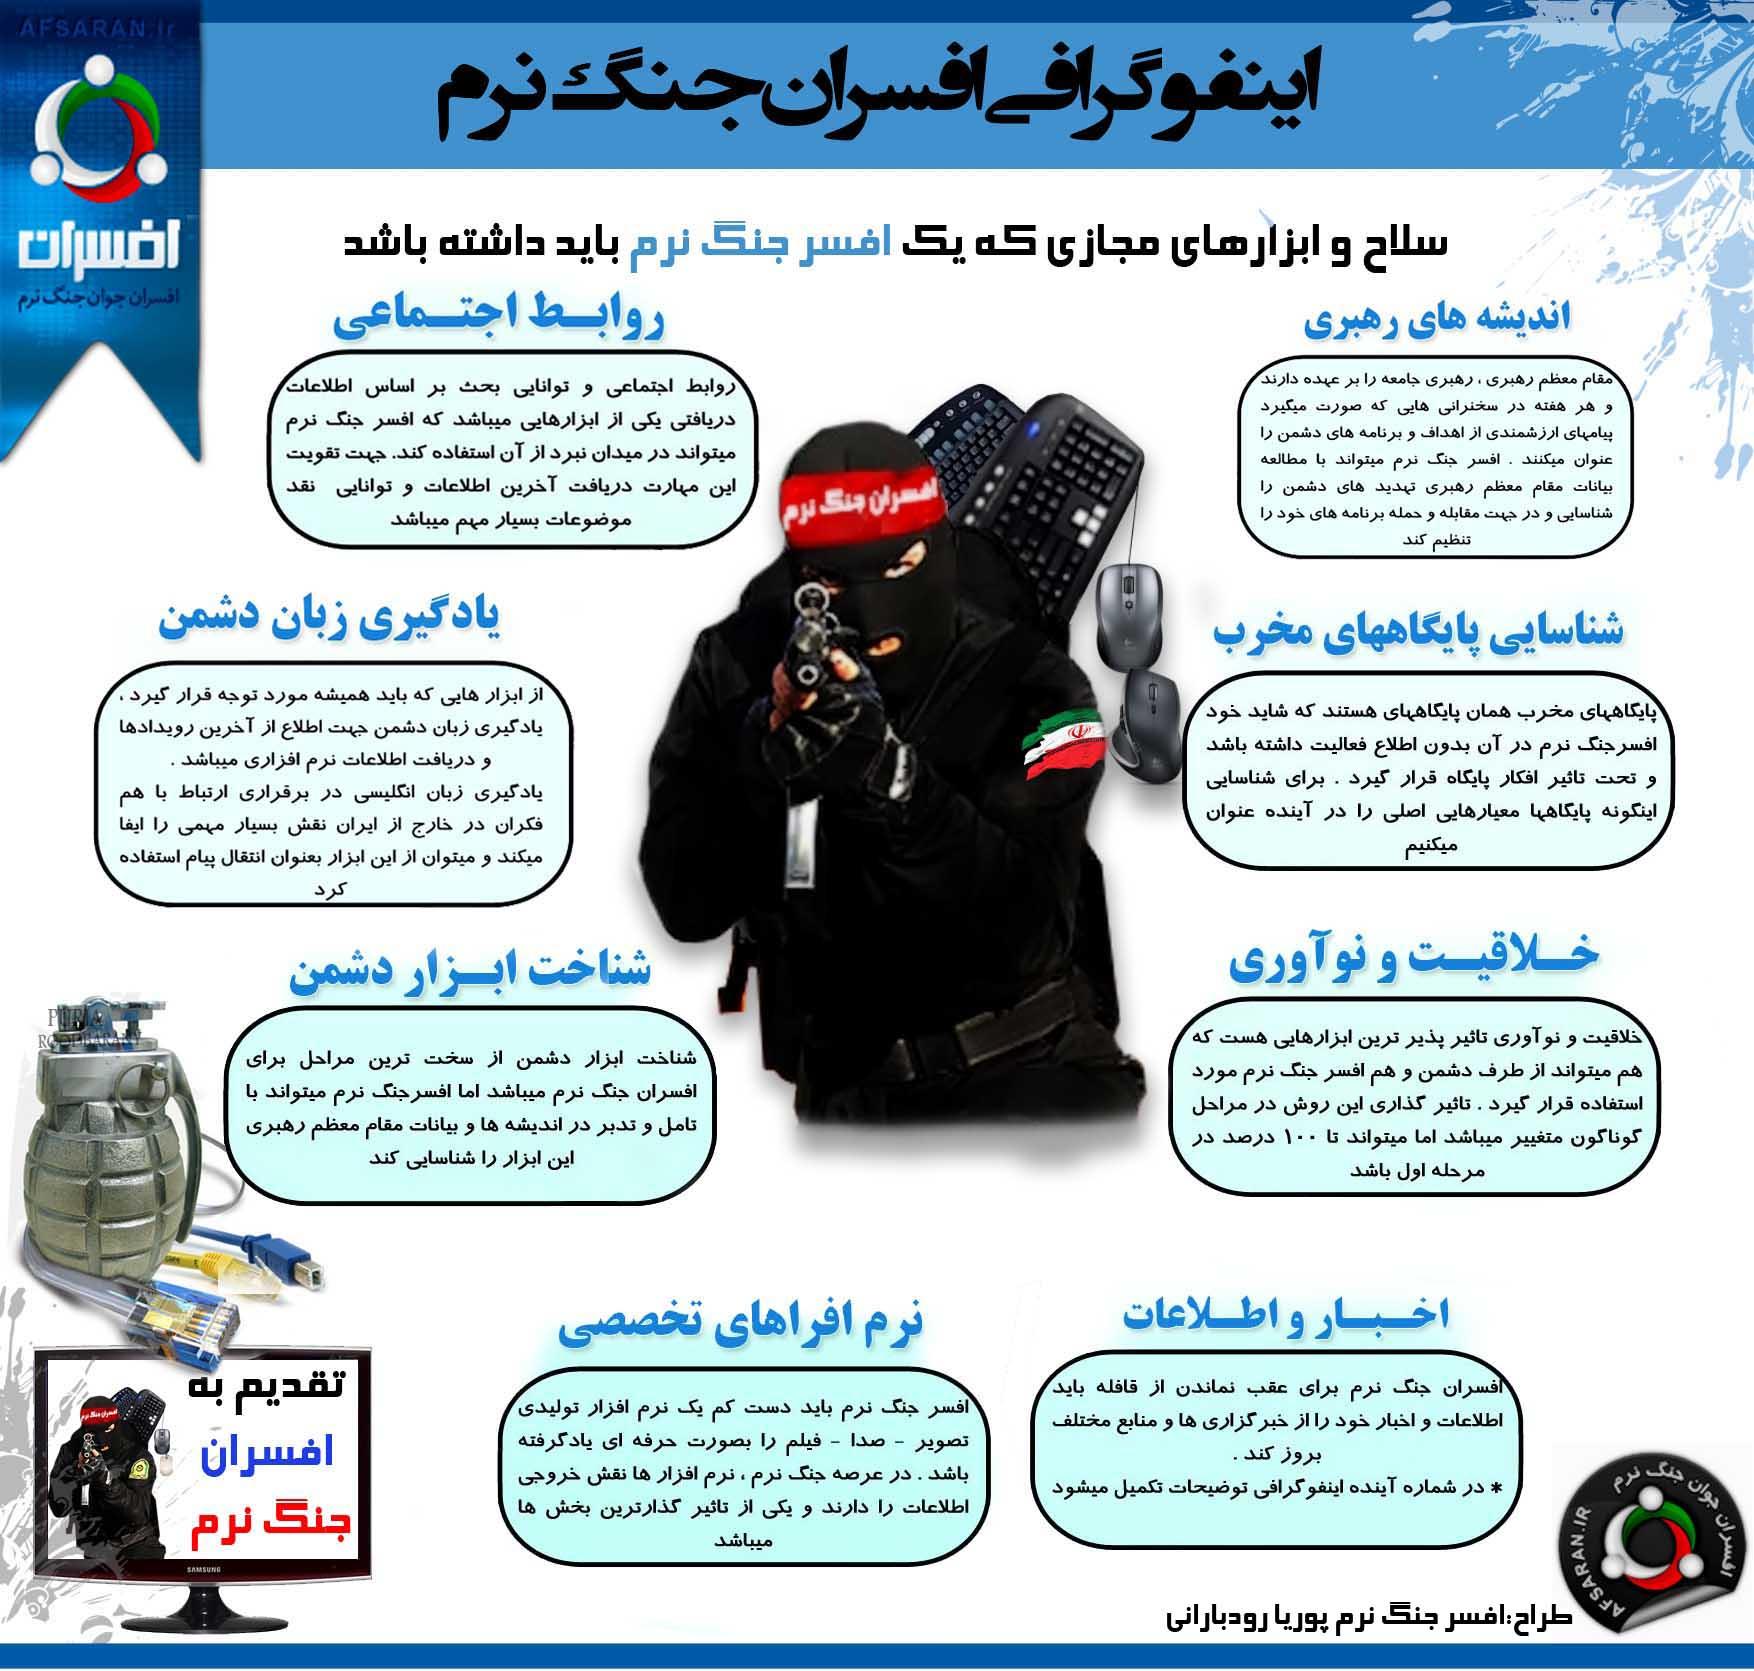 اینفوگرافیک - سرباز سایبری